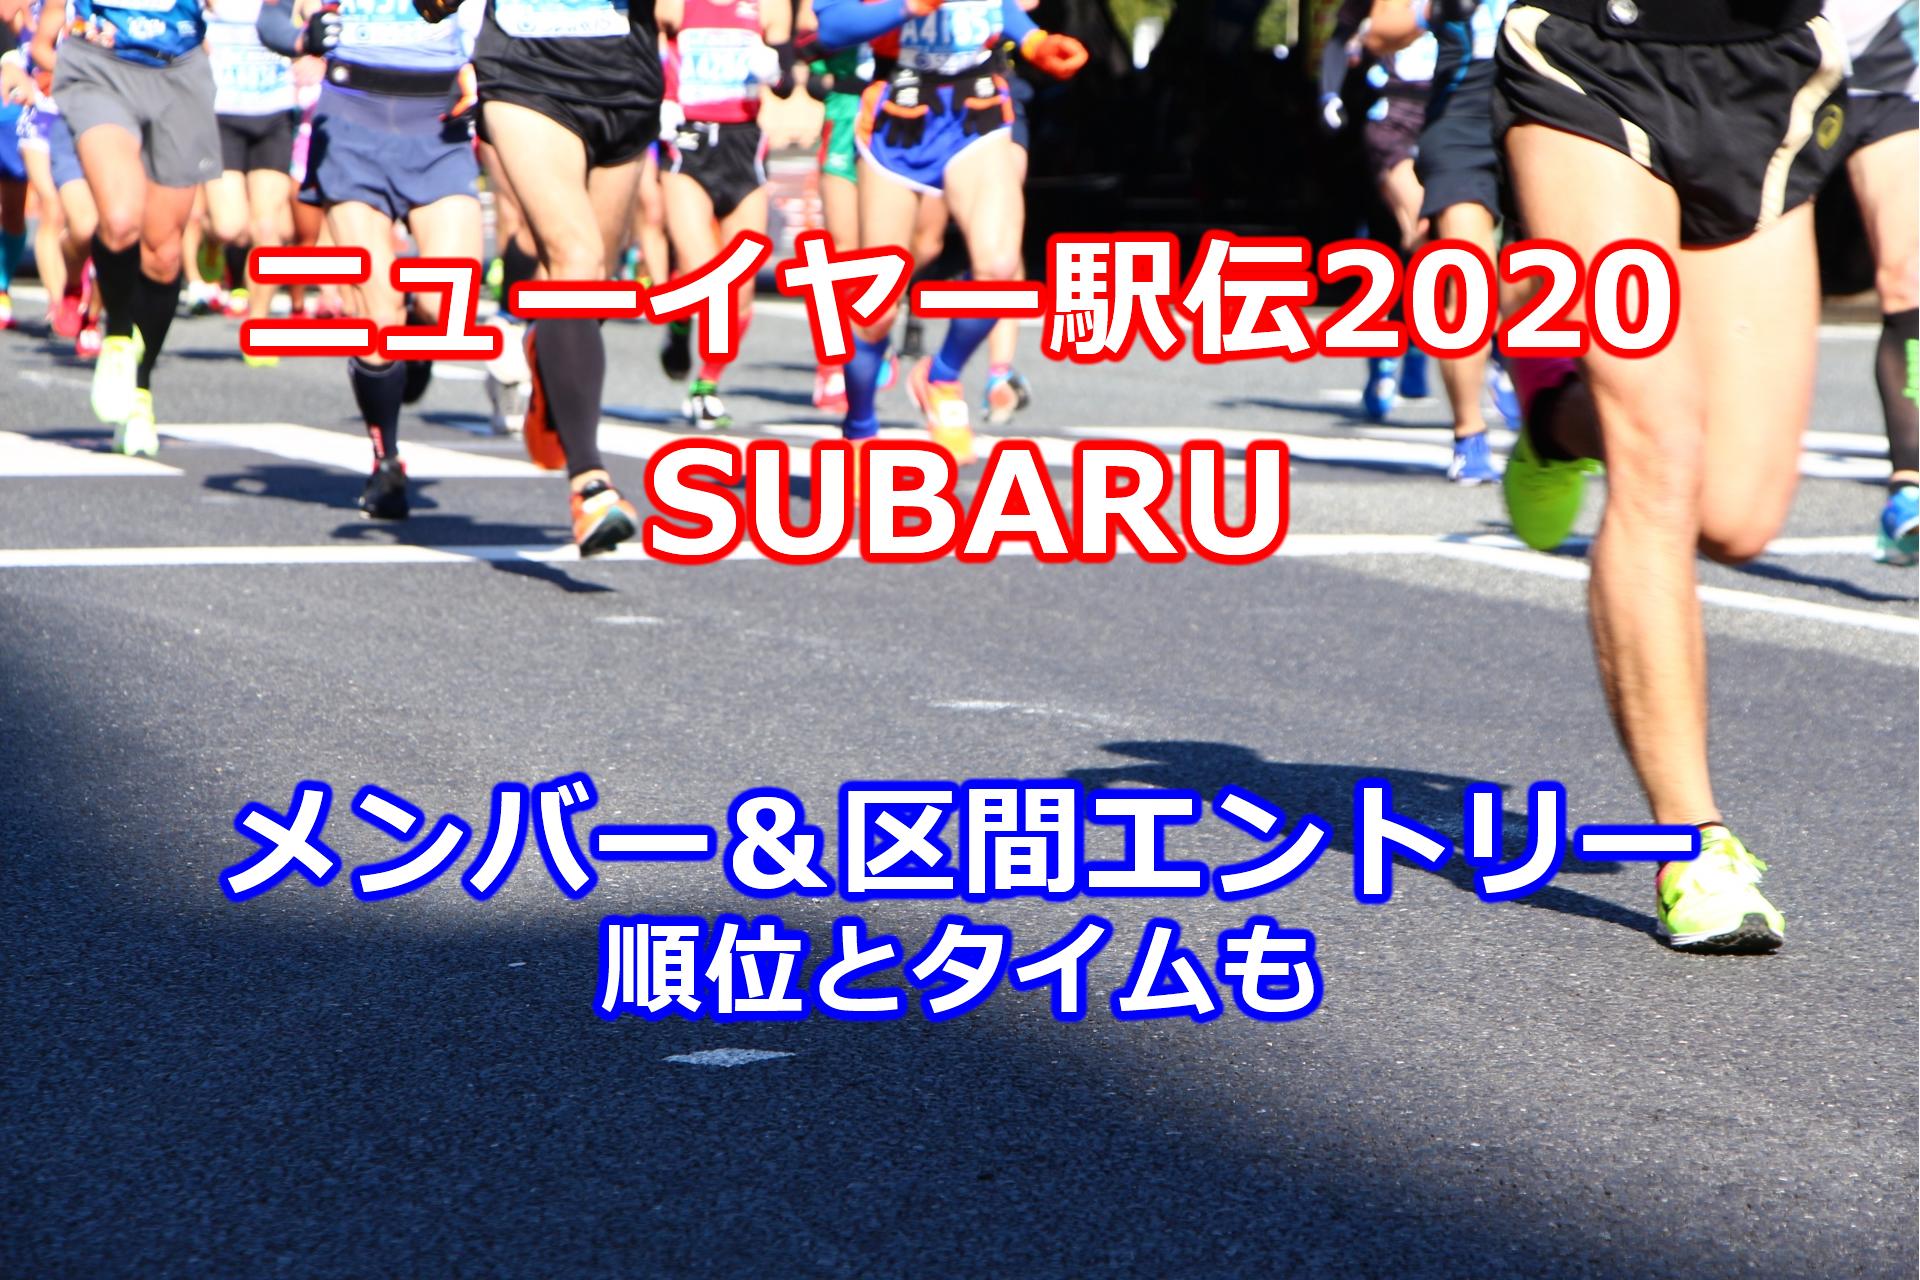 ニューイヤー駅伝2020SUBARUメンバー・区間エントリー・結果・順位・タイムまとめ